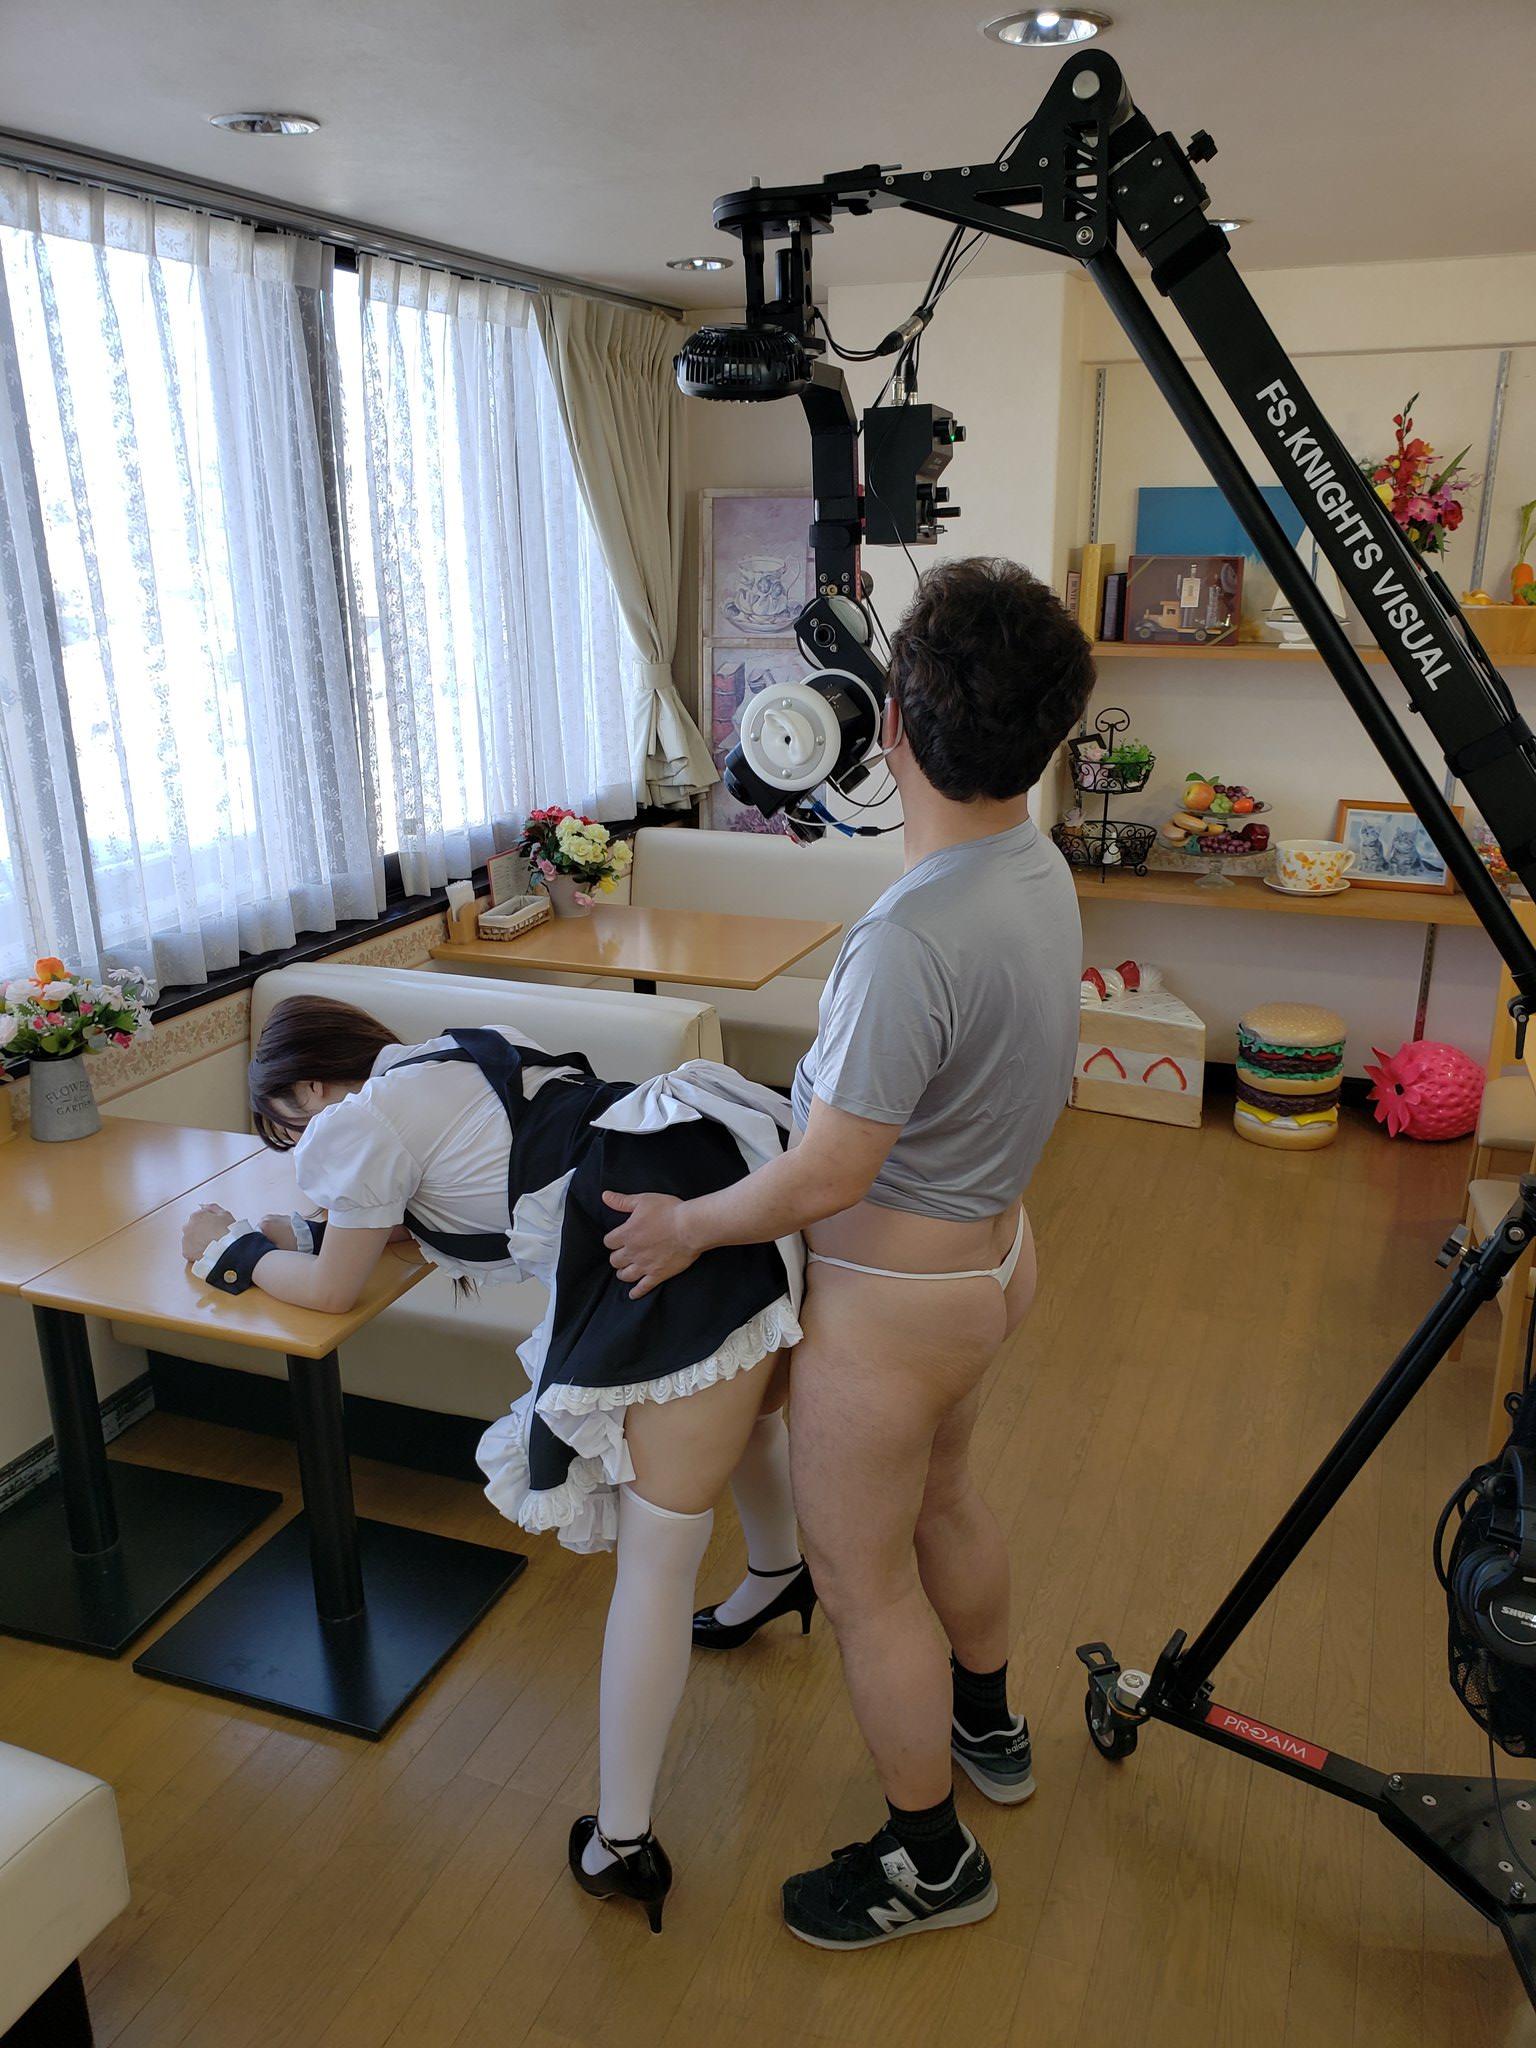 アダルトVRの撮影現場、ドヤ顔でセックスしてたwwwww(画像あり)・1枚目